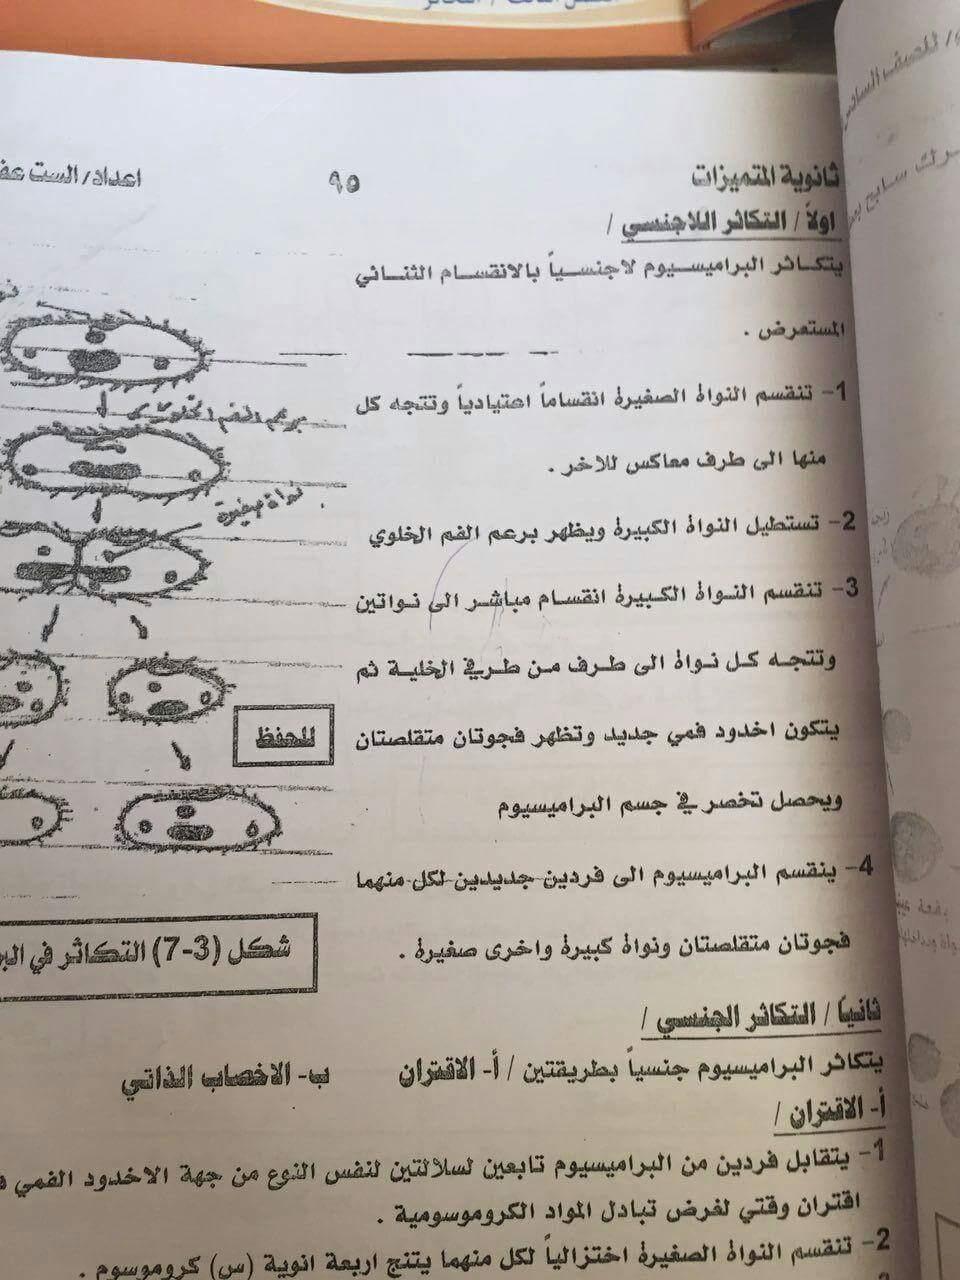 اجوبة وتصحيح الاحياء للسادس الاعدادي العلمي الدور الاول 2016 922